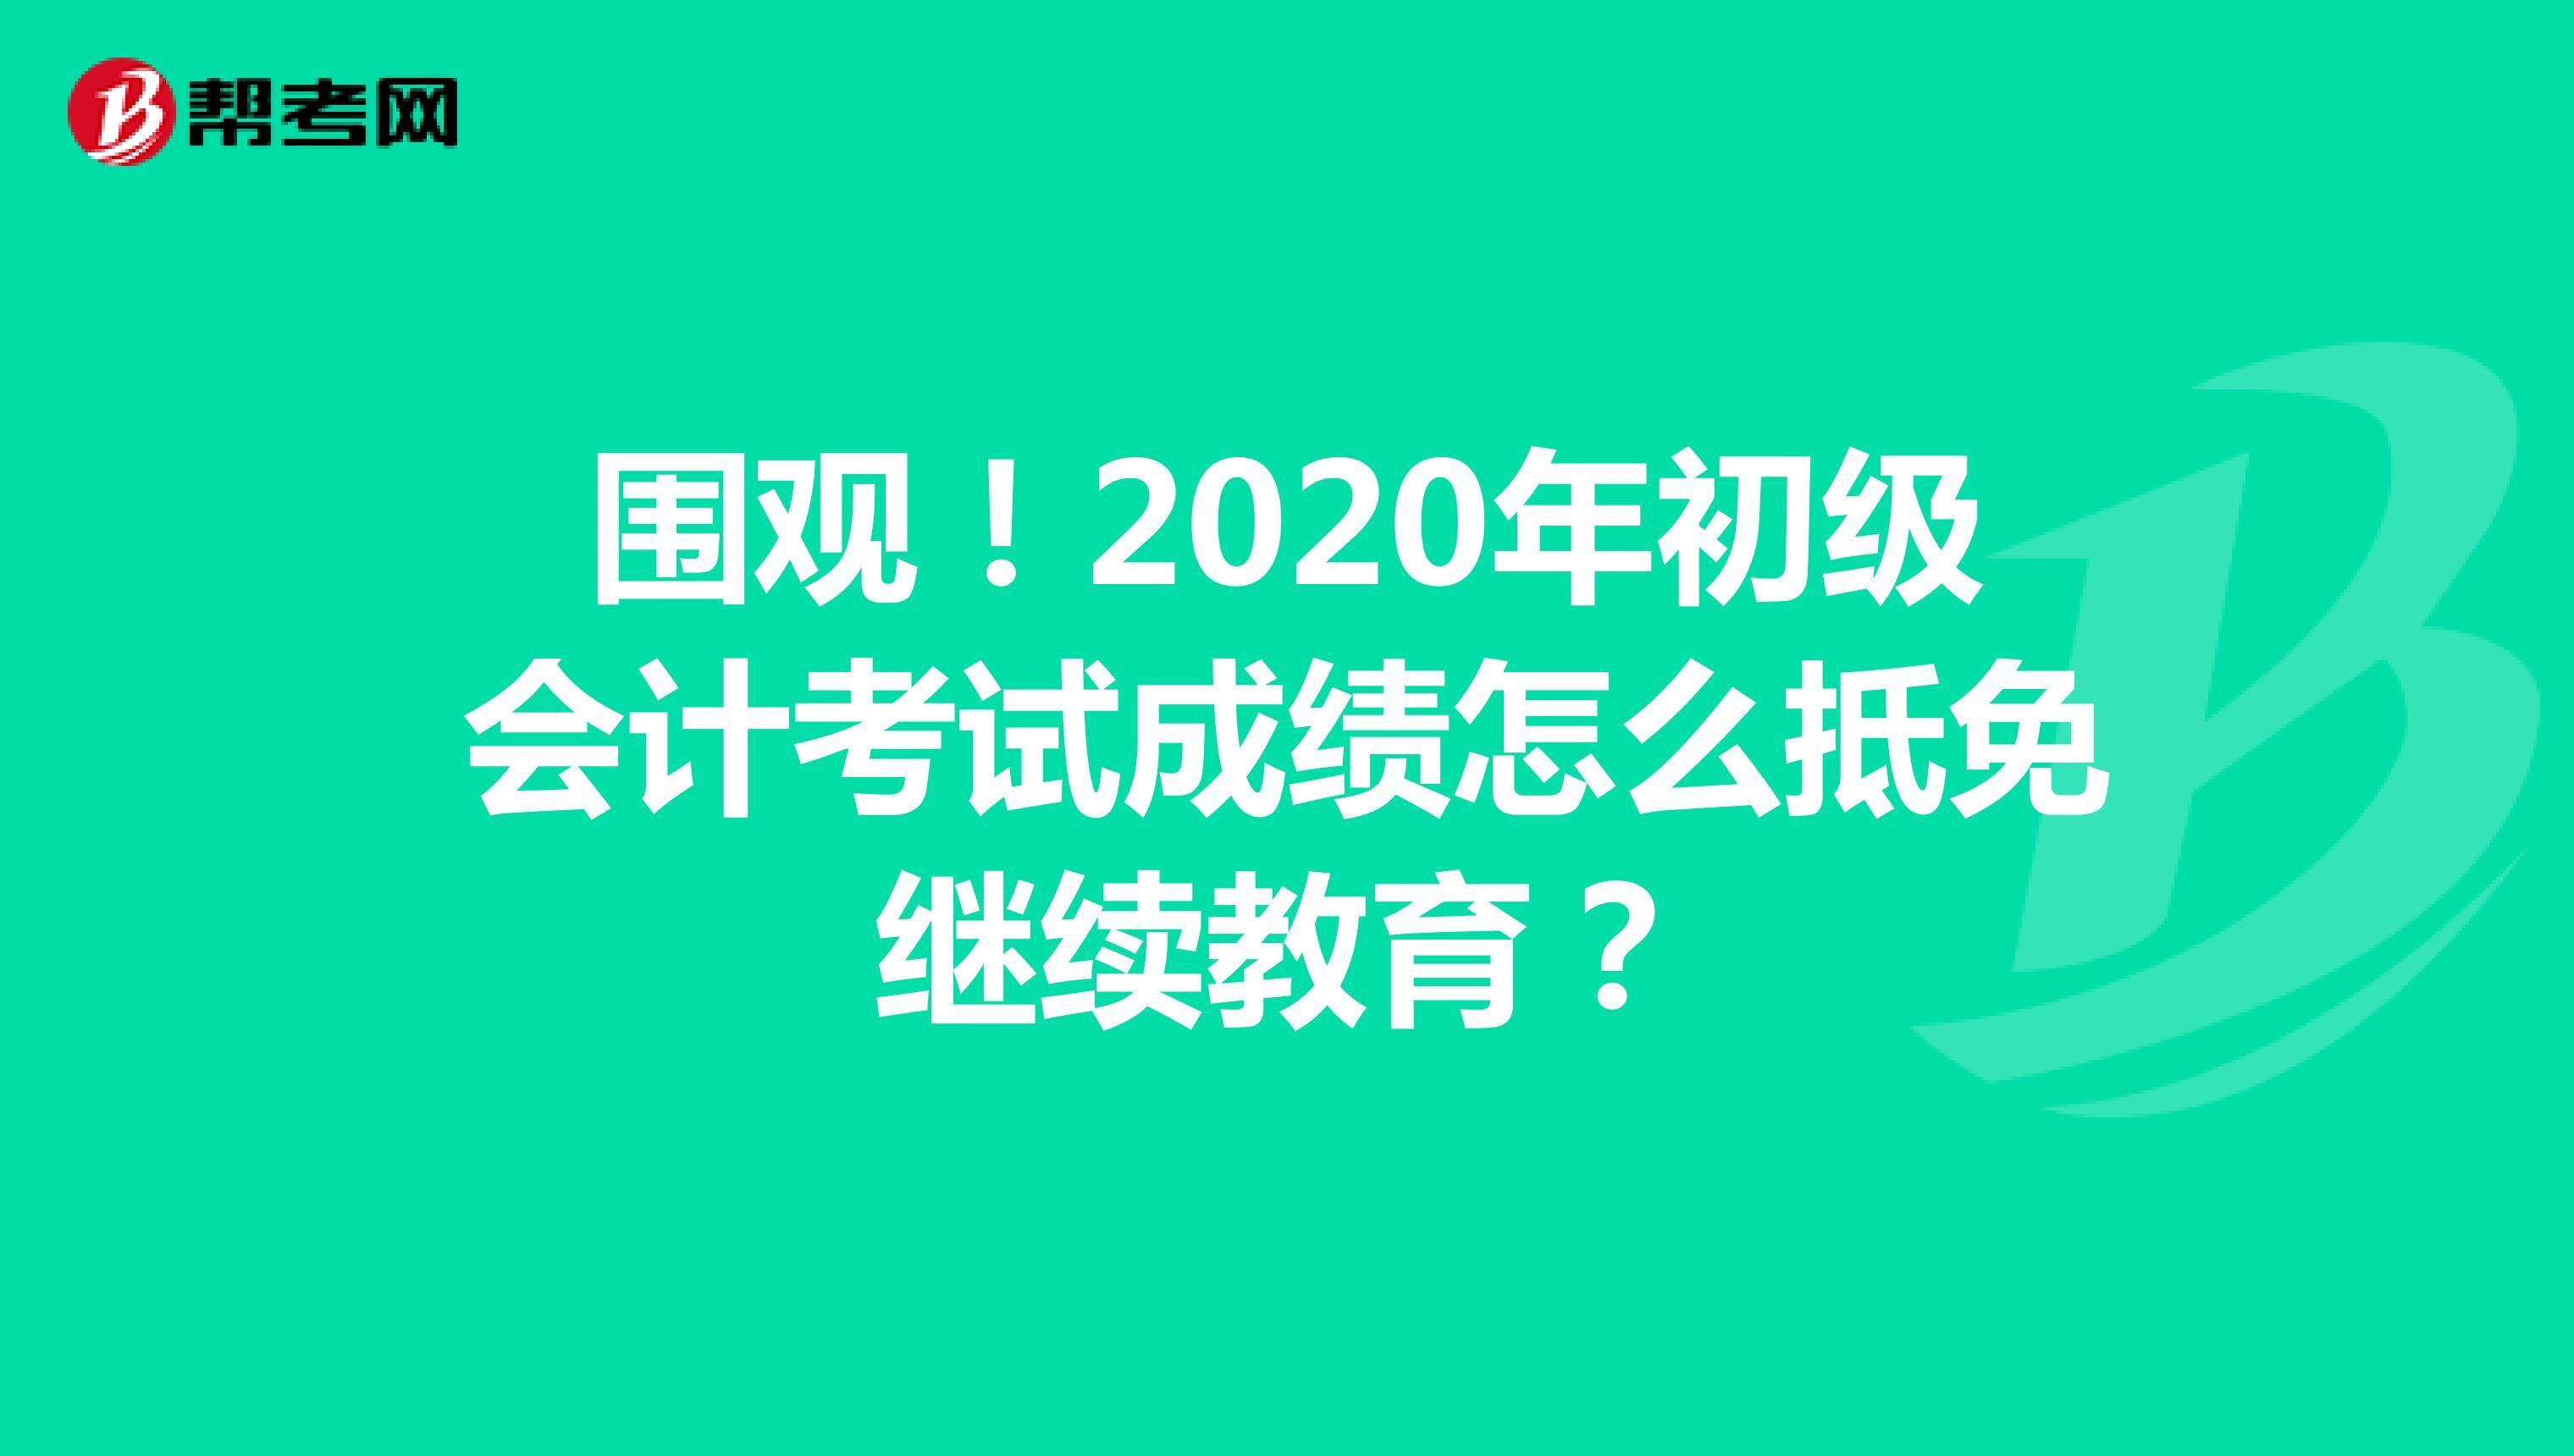 围观!2020年初级会计考试成绩怎么抵免继续教育?